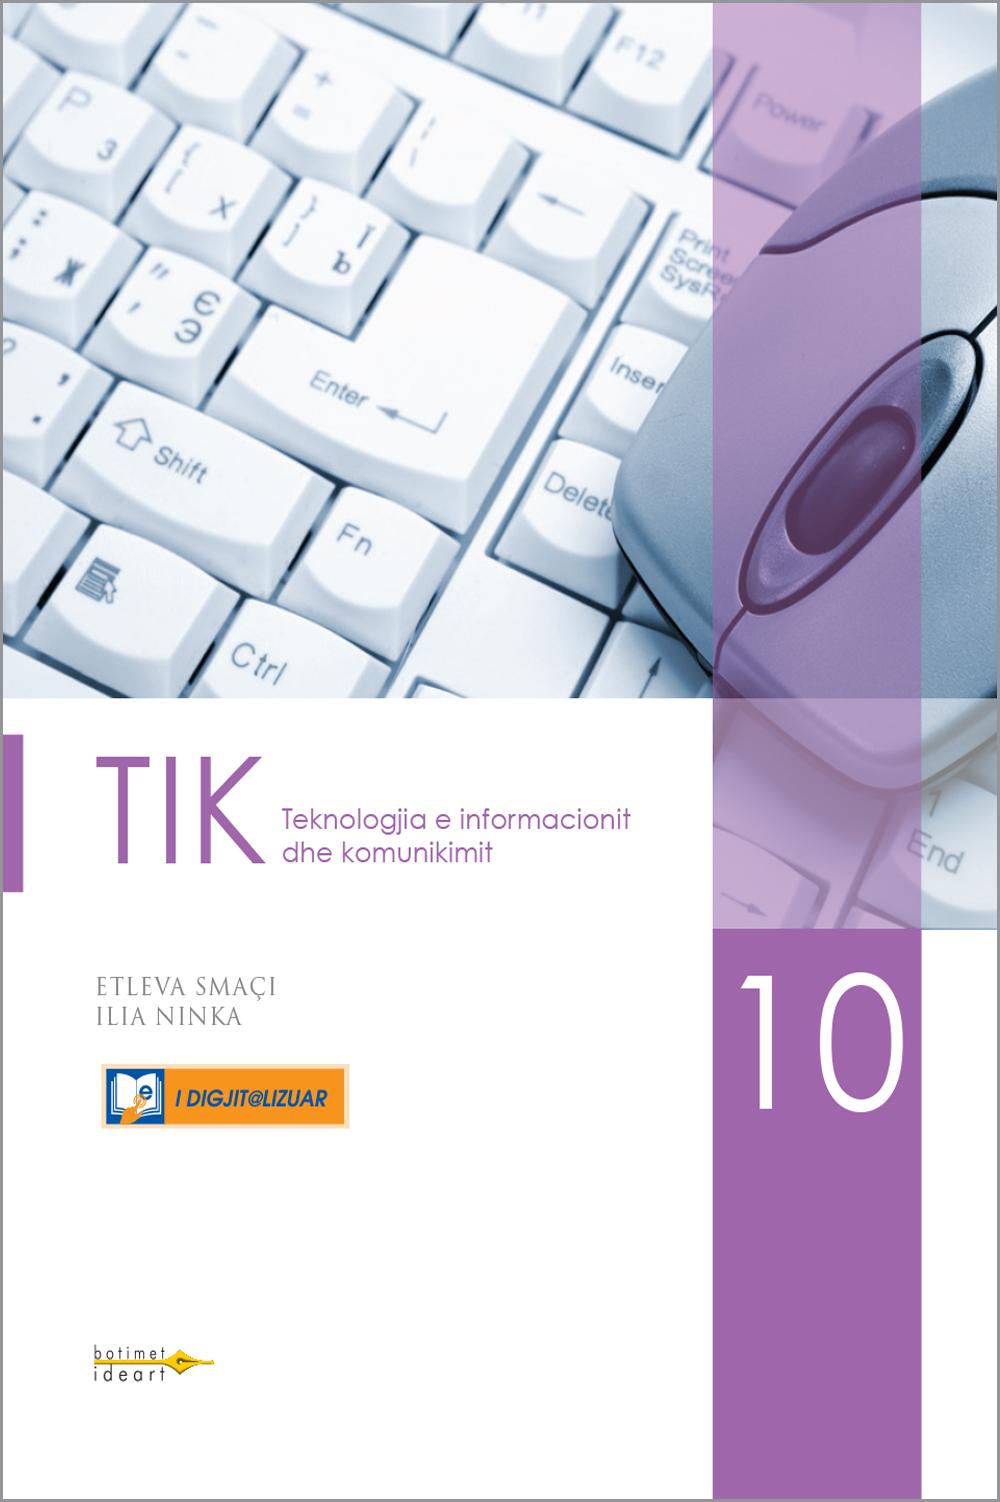 TIK 10